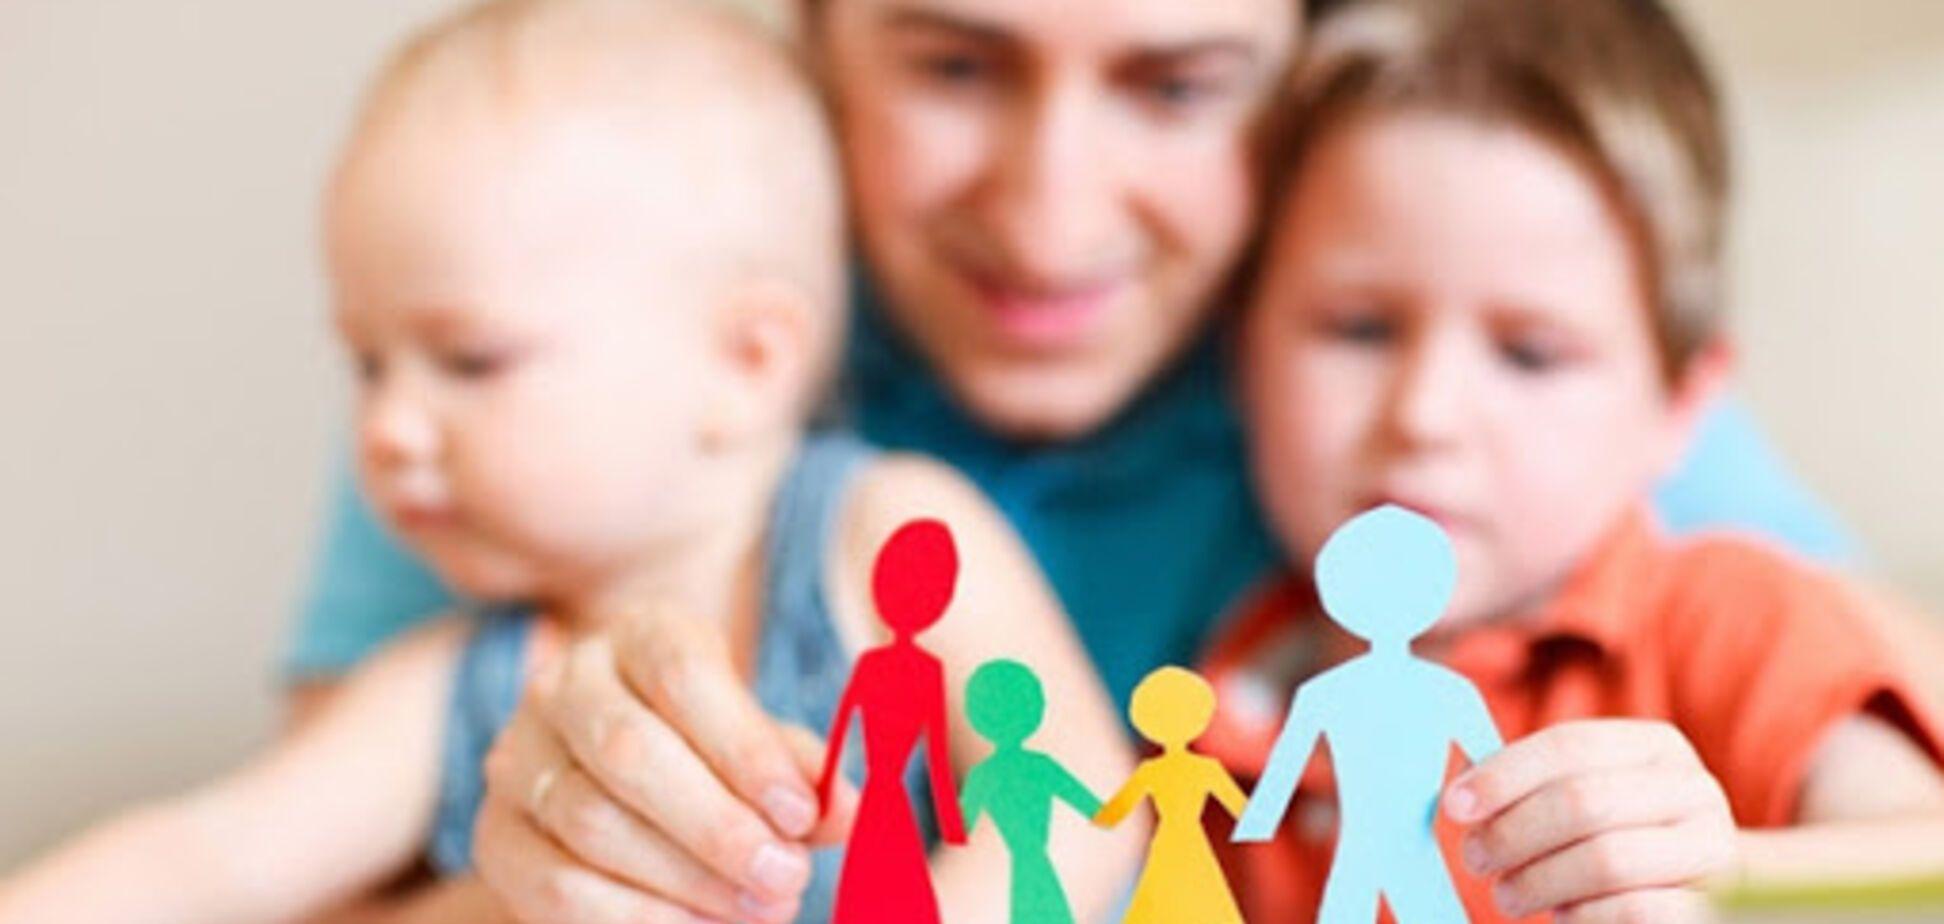 В Украине перестанут принимать детей в детские дома: что известно